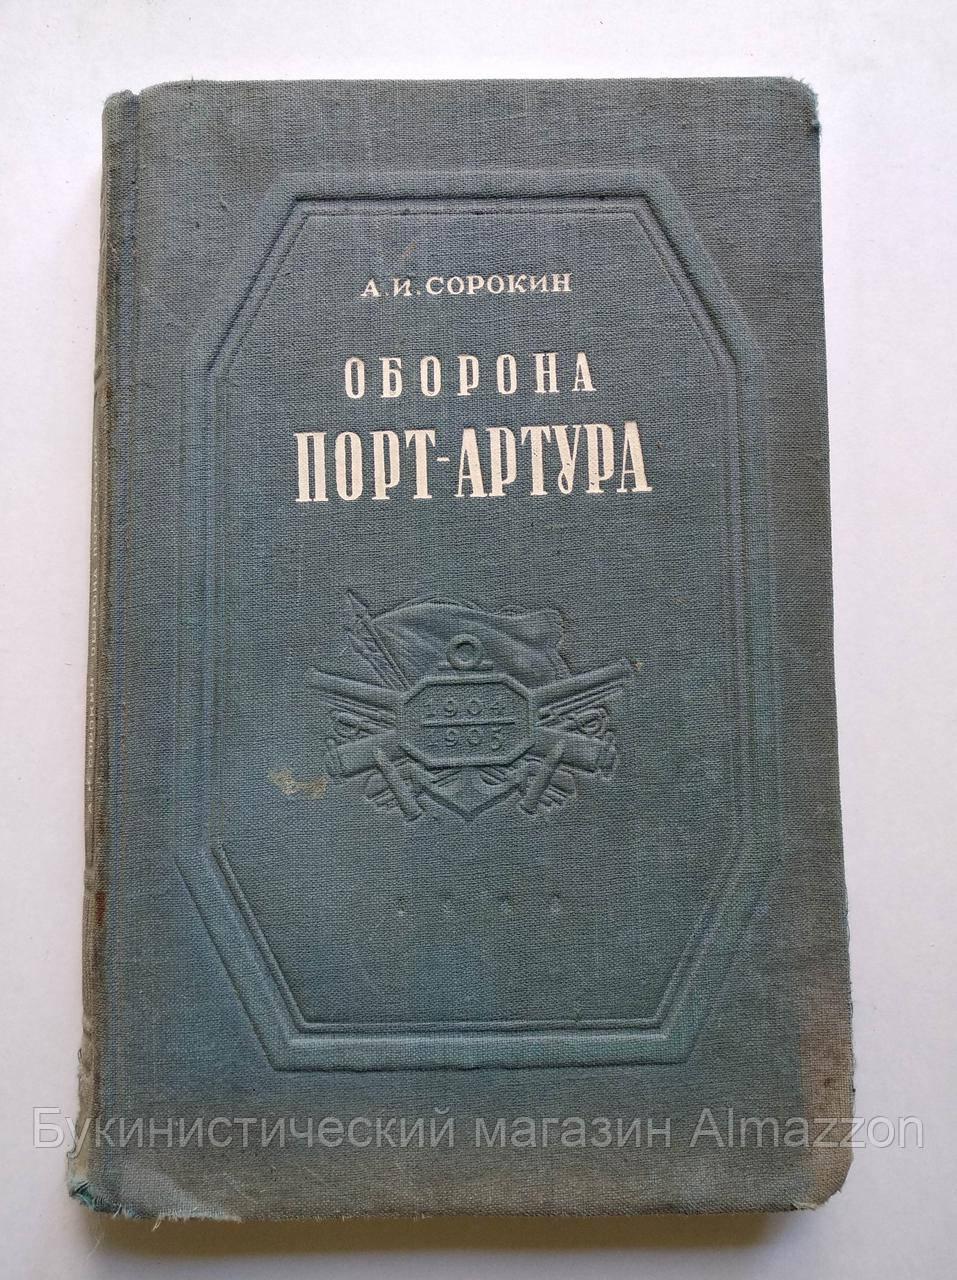 А.Сорокин Оборона Порт-Артура (Русско-японская война 1904-1905 годы). 1948 год